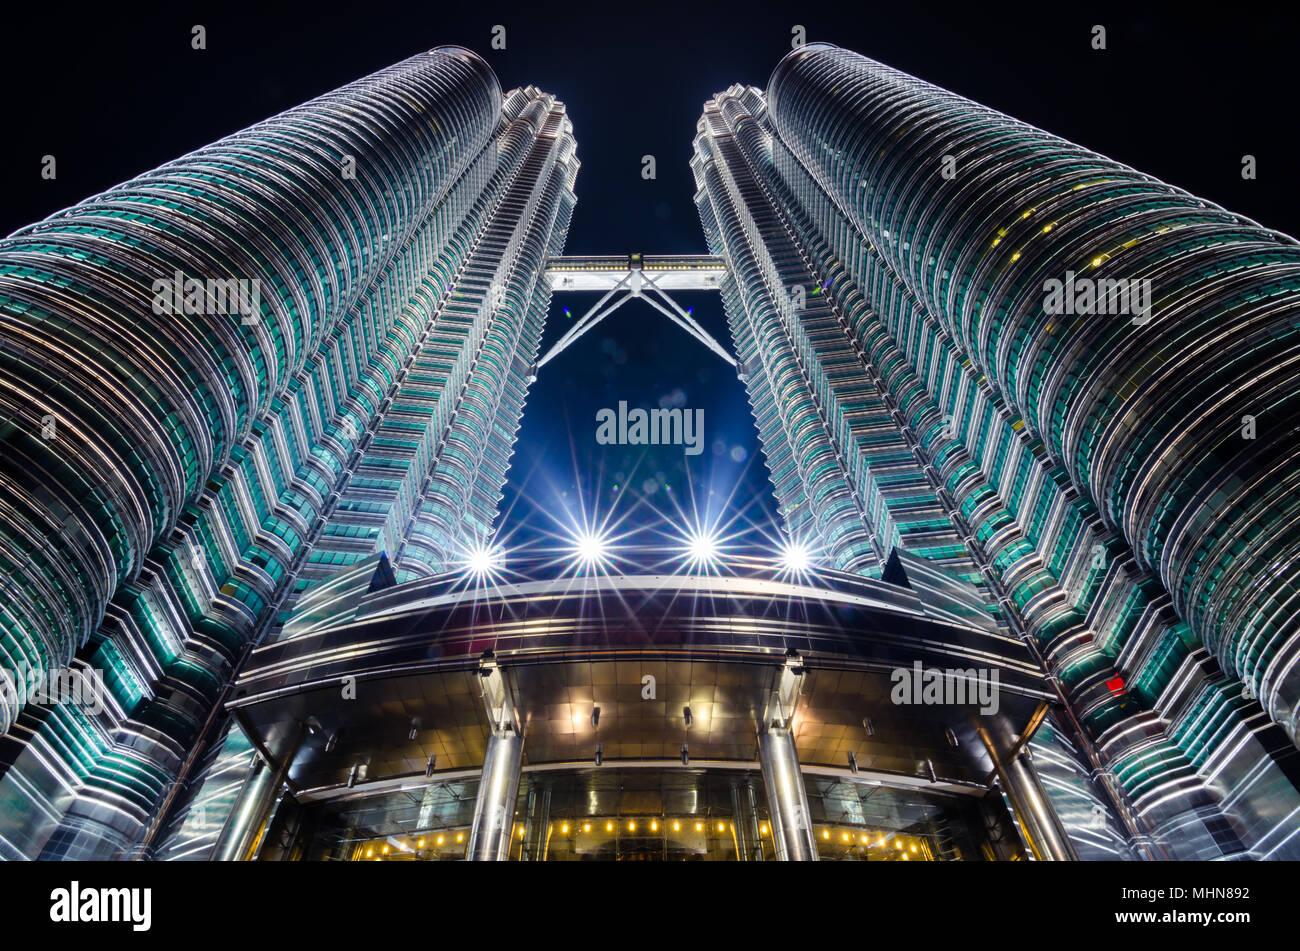 Petronas Twin Towers sind Zweibettzimmer Wolkenkratzer. Sie waren die weltweit höchste Gebäude von 1998 bis 2004 und noch höchste der Welt Twin Tower bis heute. Stockbild